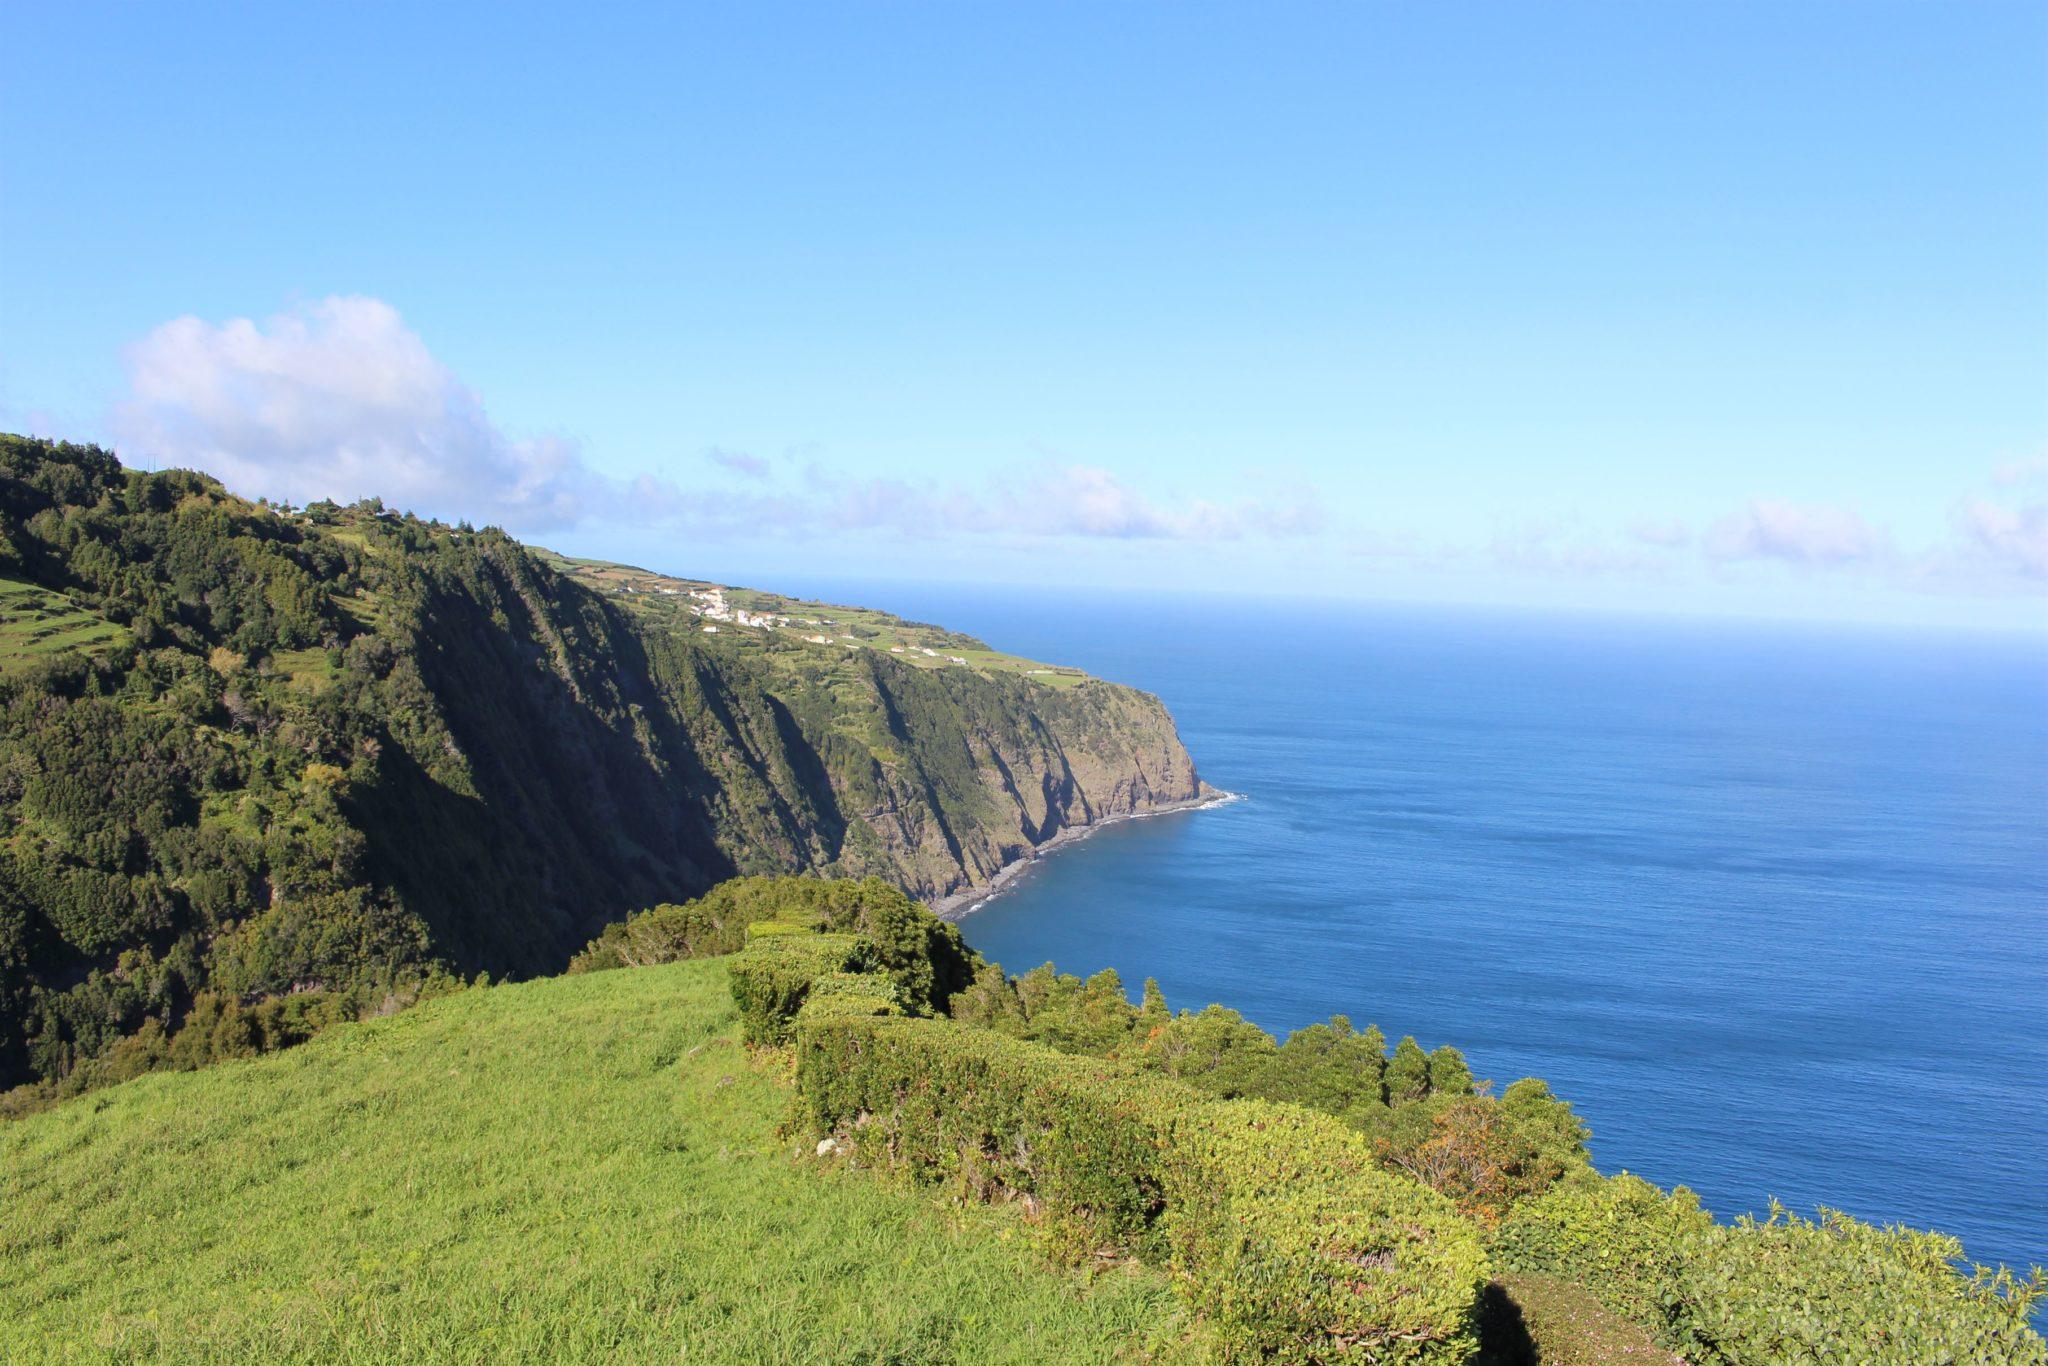 Nordeste, S. Miguel, Açores